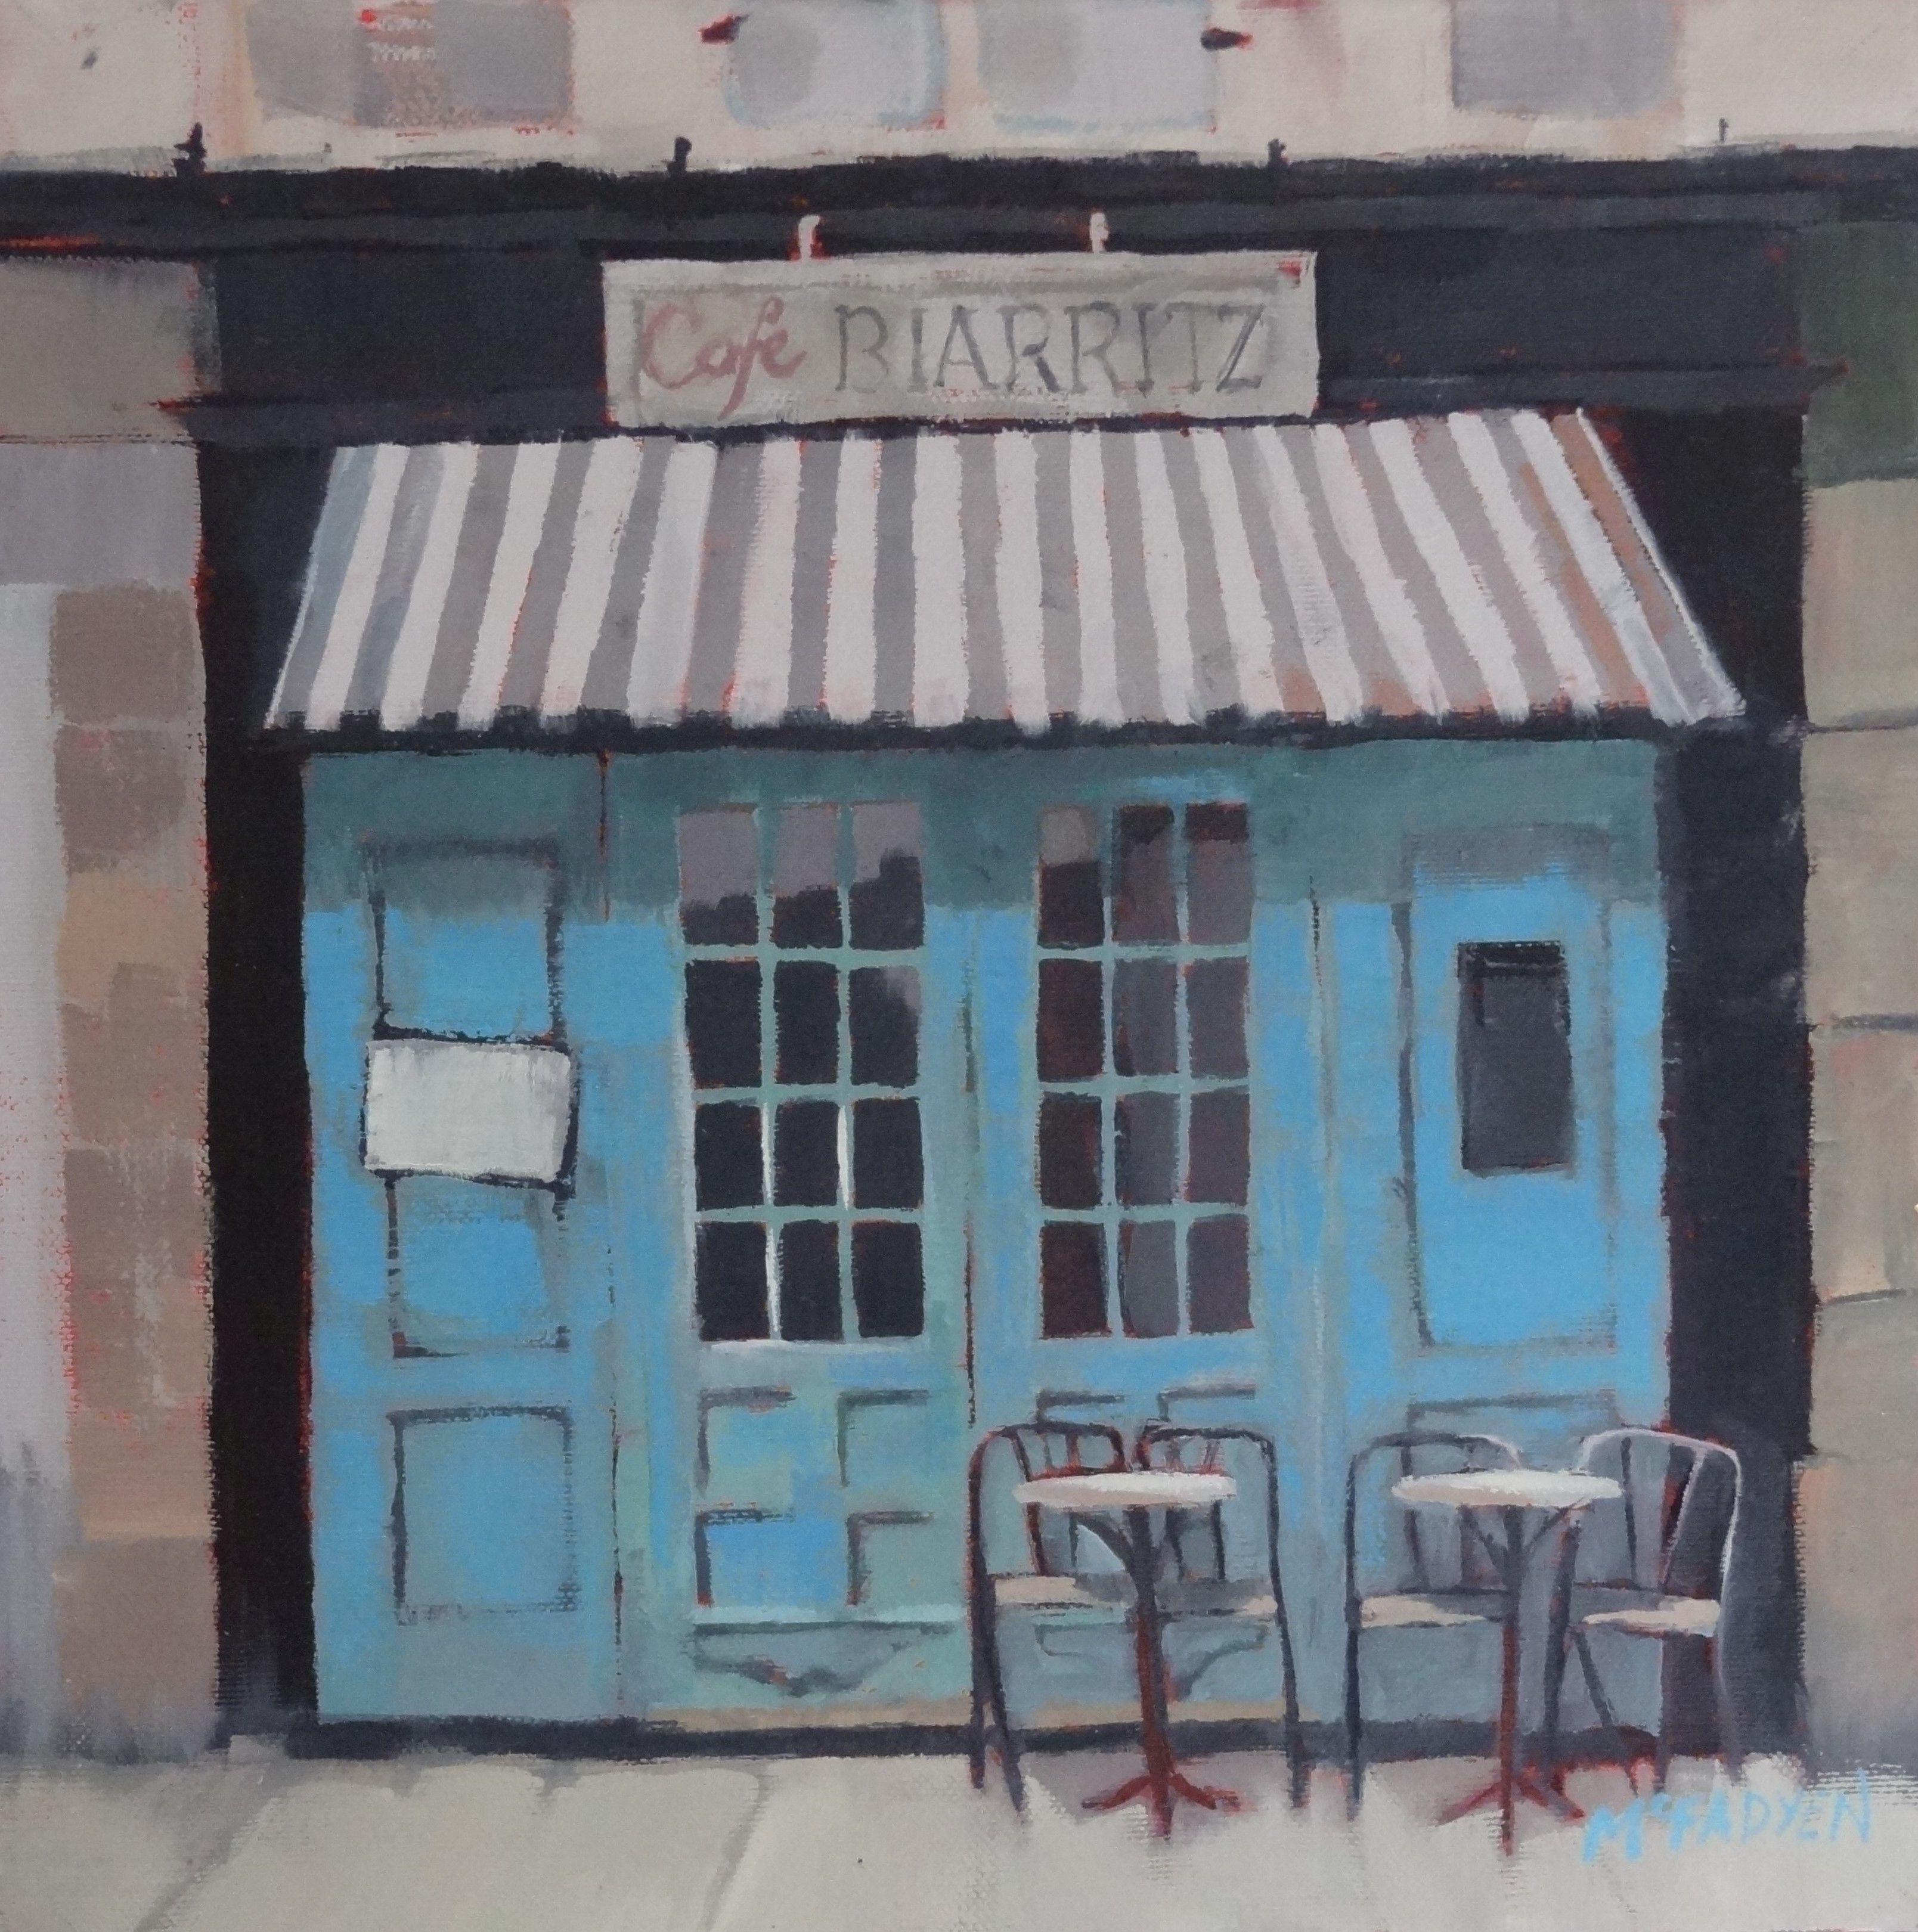 Cafe Biarritz    LEXMUTT086